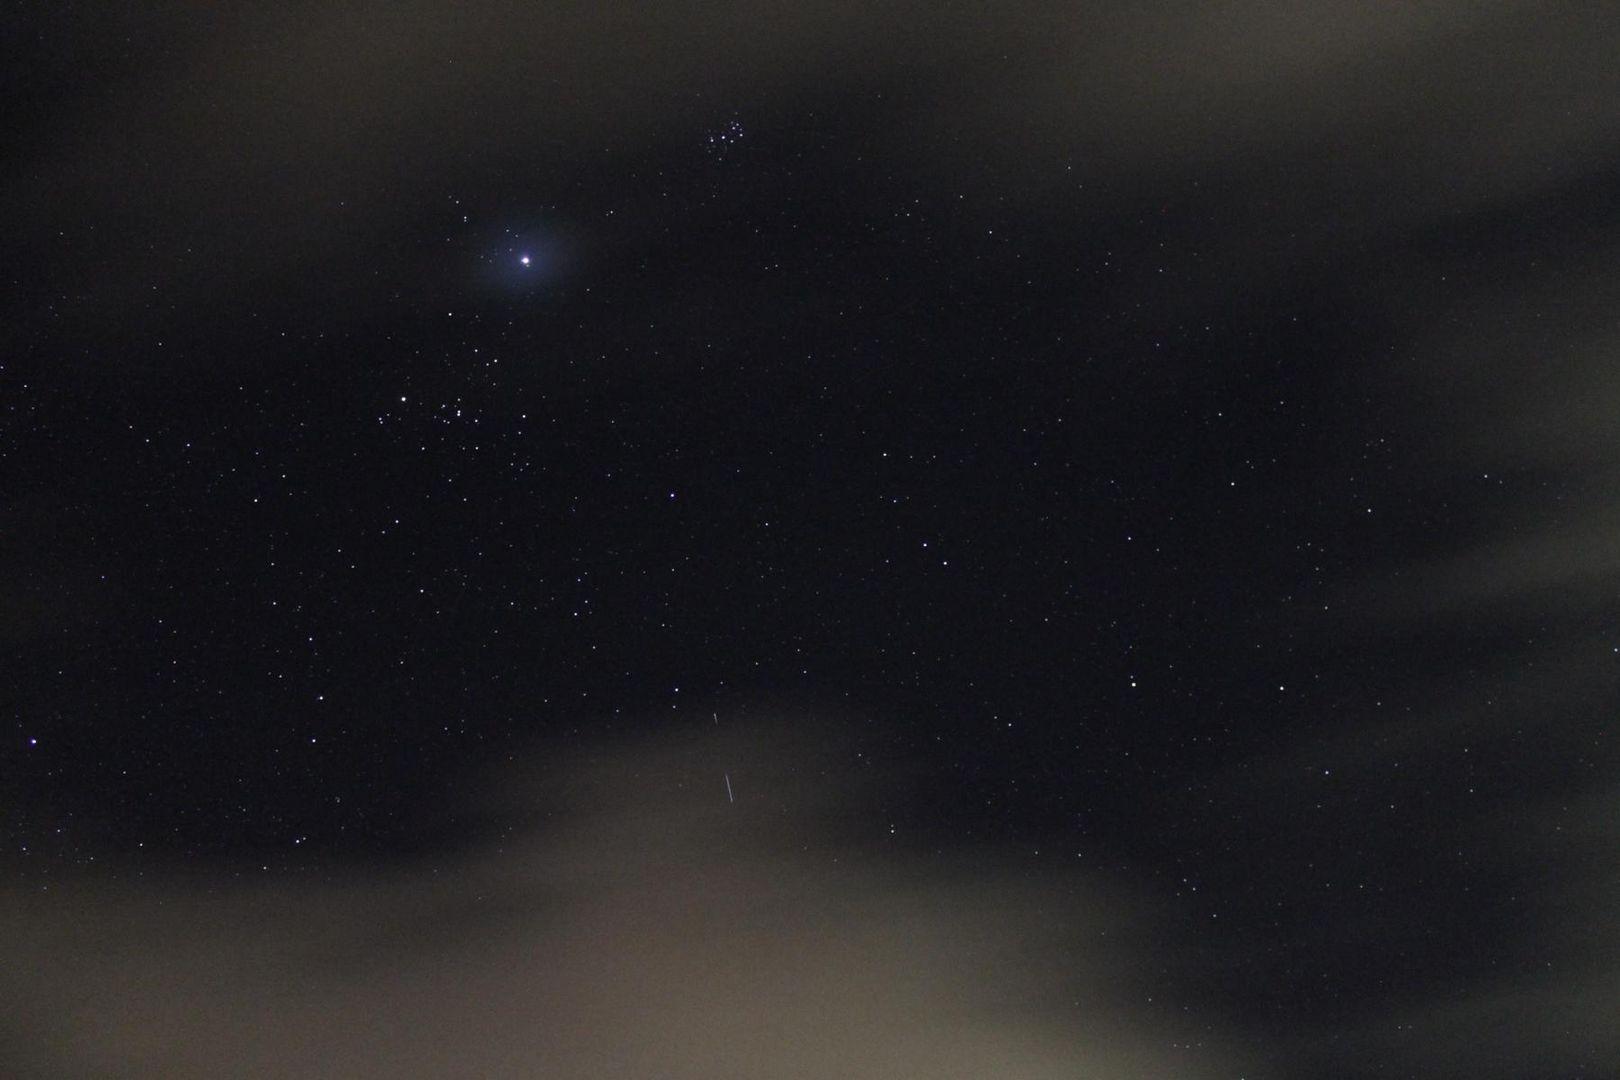 Einfach mal ein paar Sterne